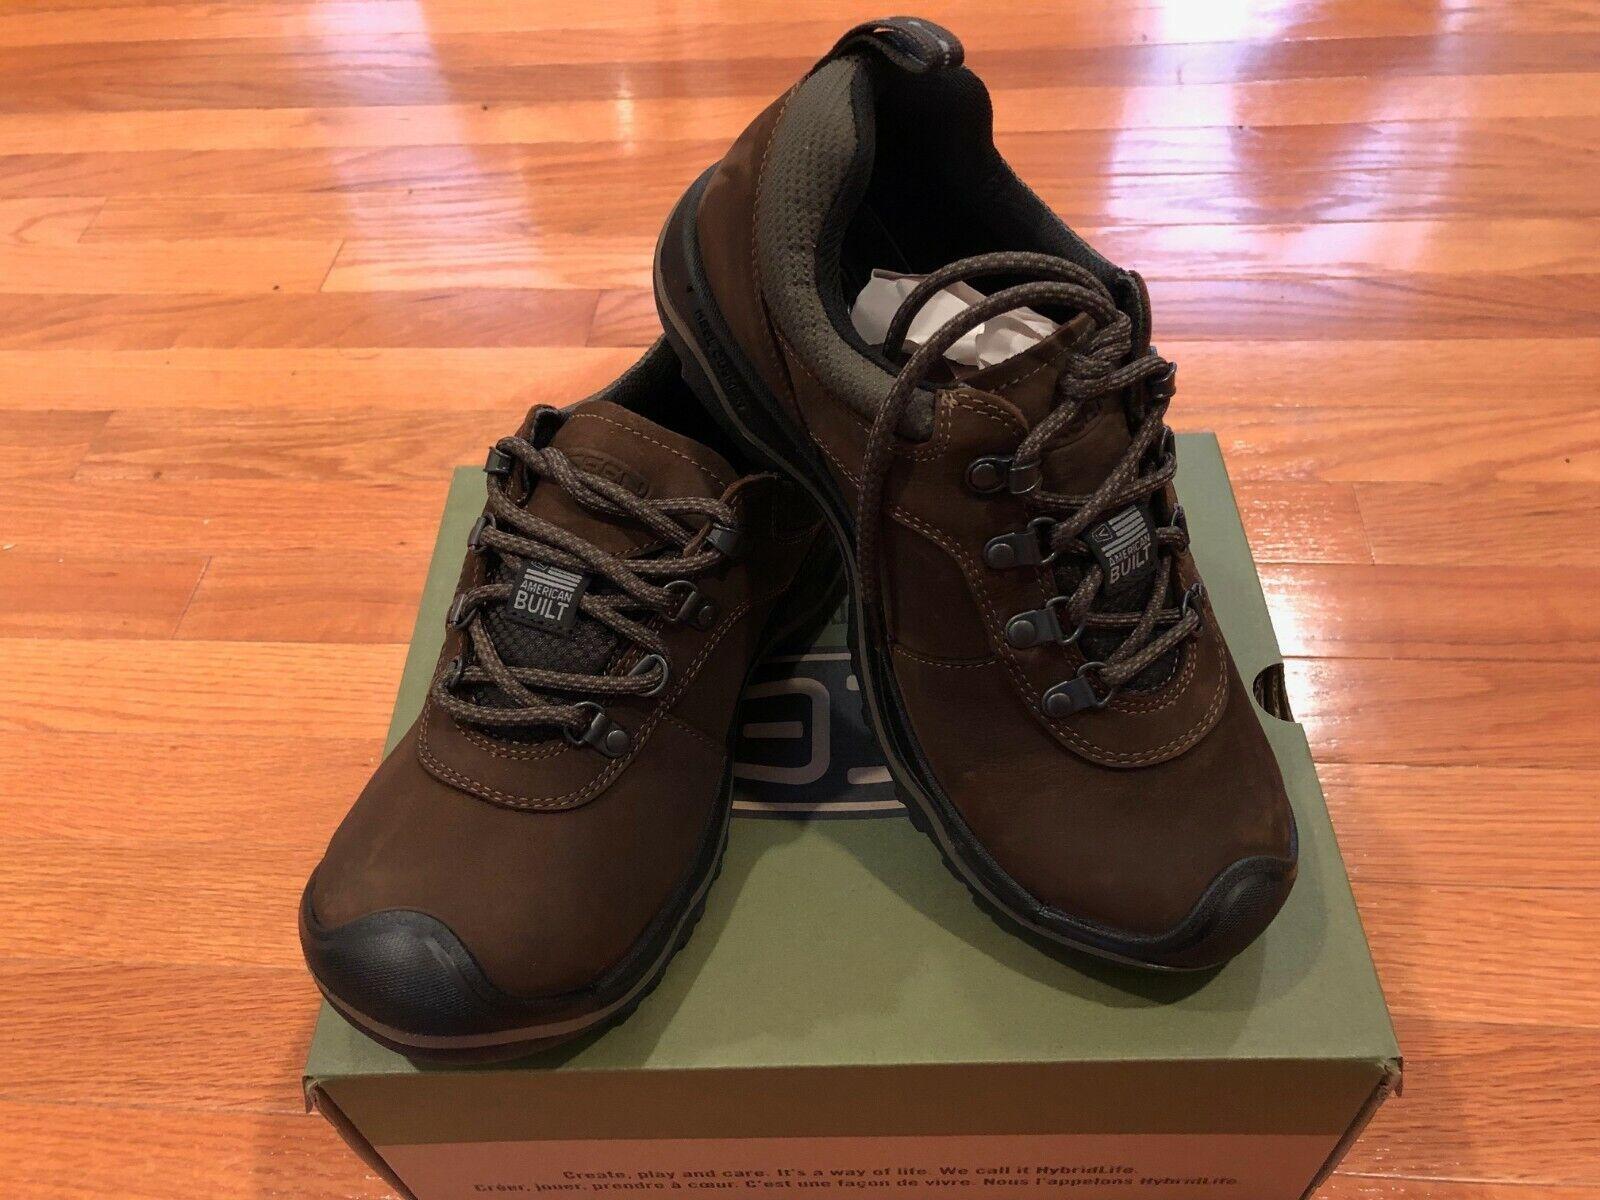 Nuevo En Caja Para Hombre Keen Rialto Encaje Cuero para Caminar Zapatos Zapatillas para EE. UU. 7 6.5